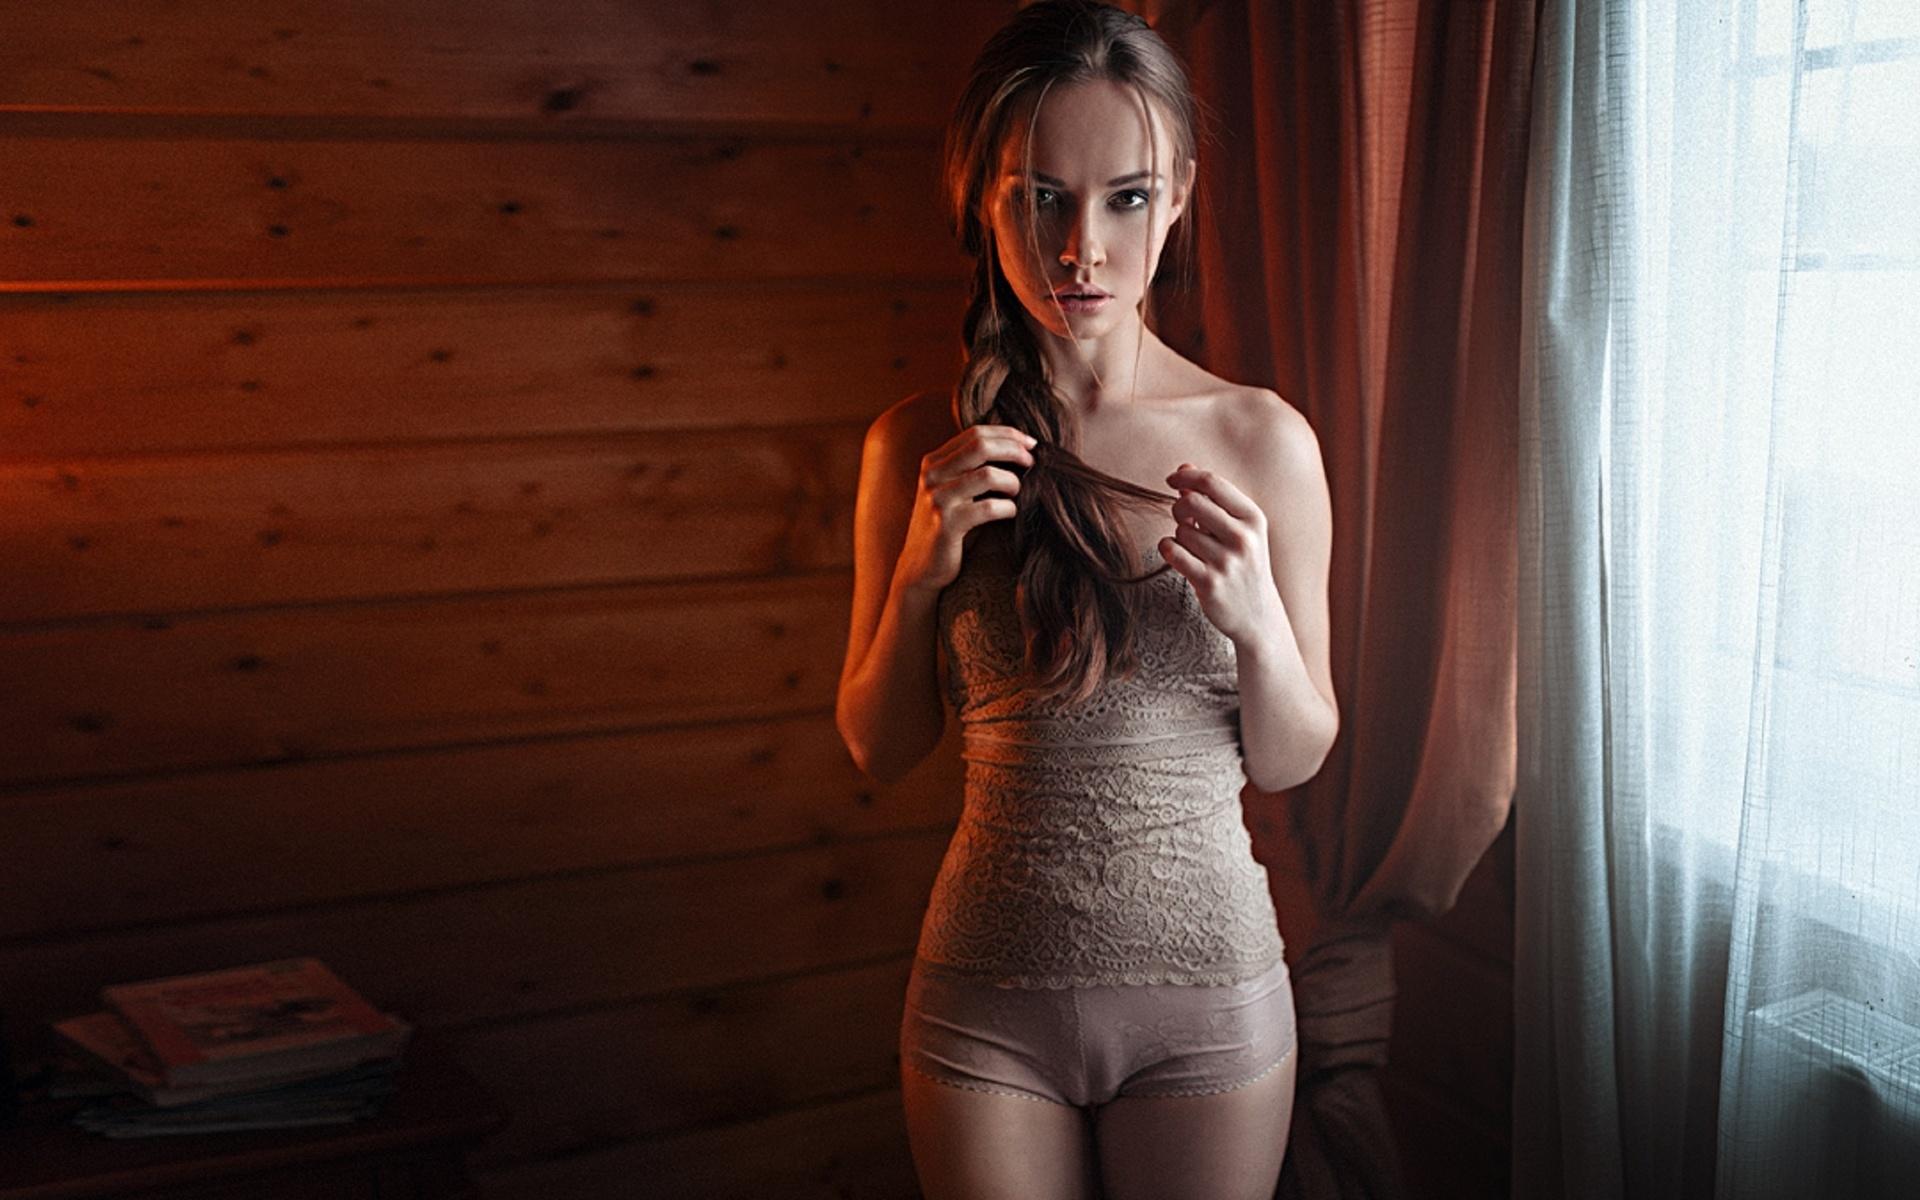 очень красивая девушка показывает свое тело русское